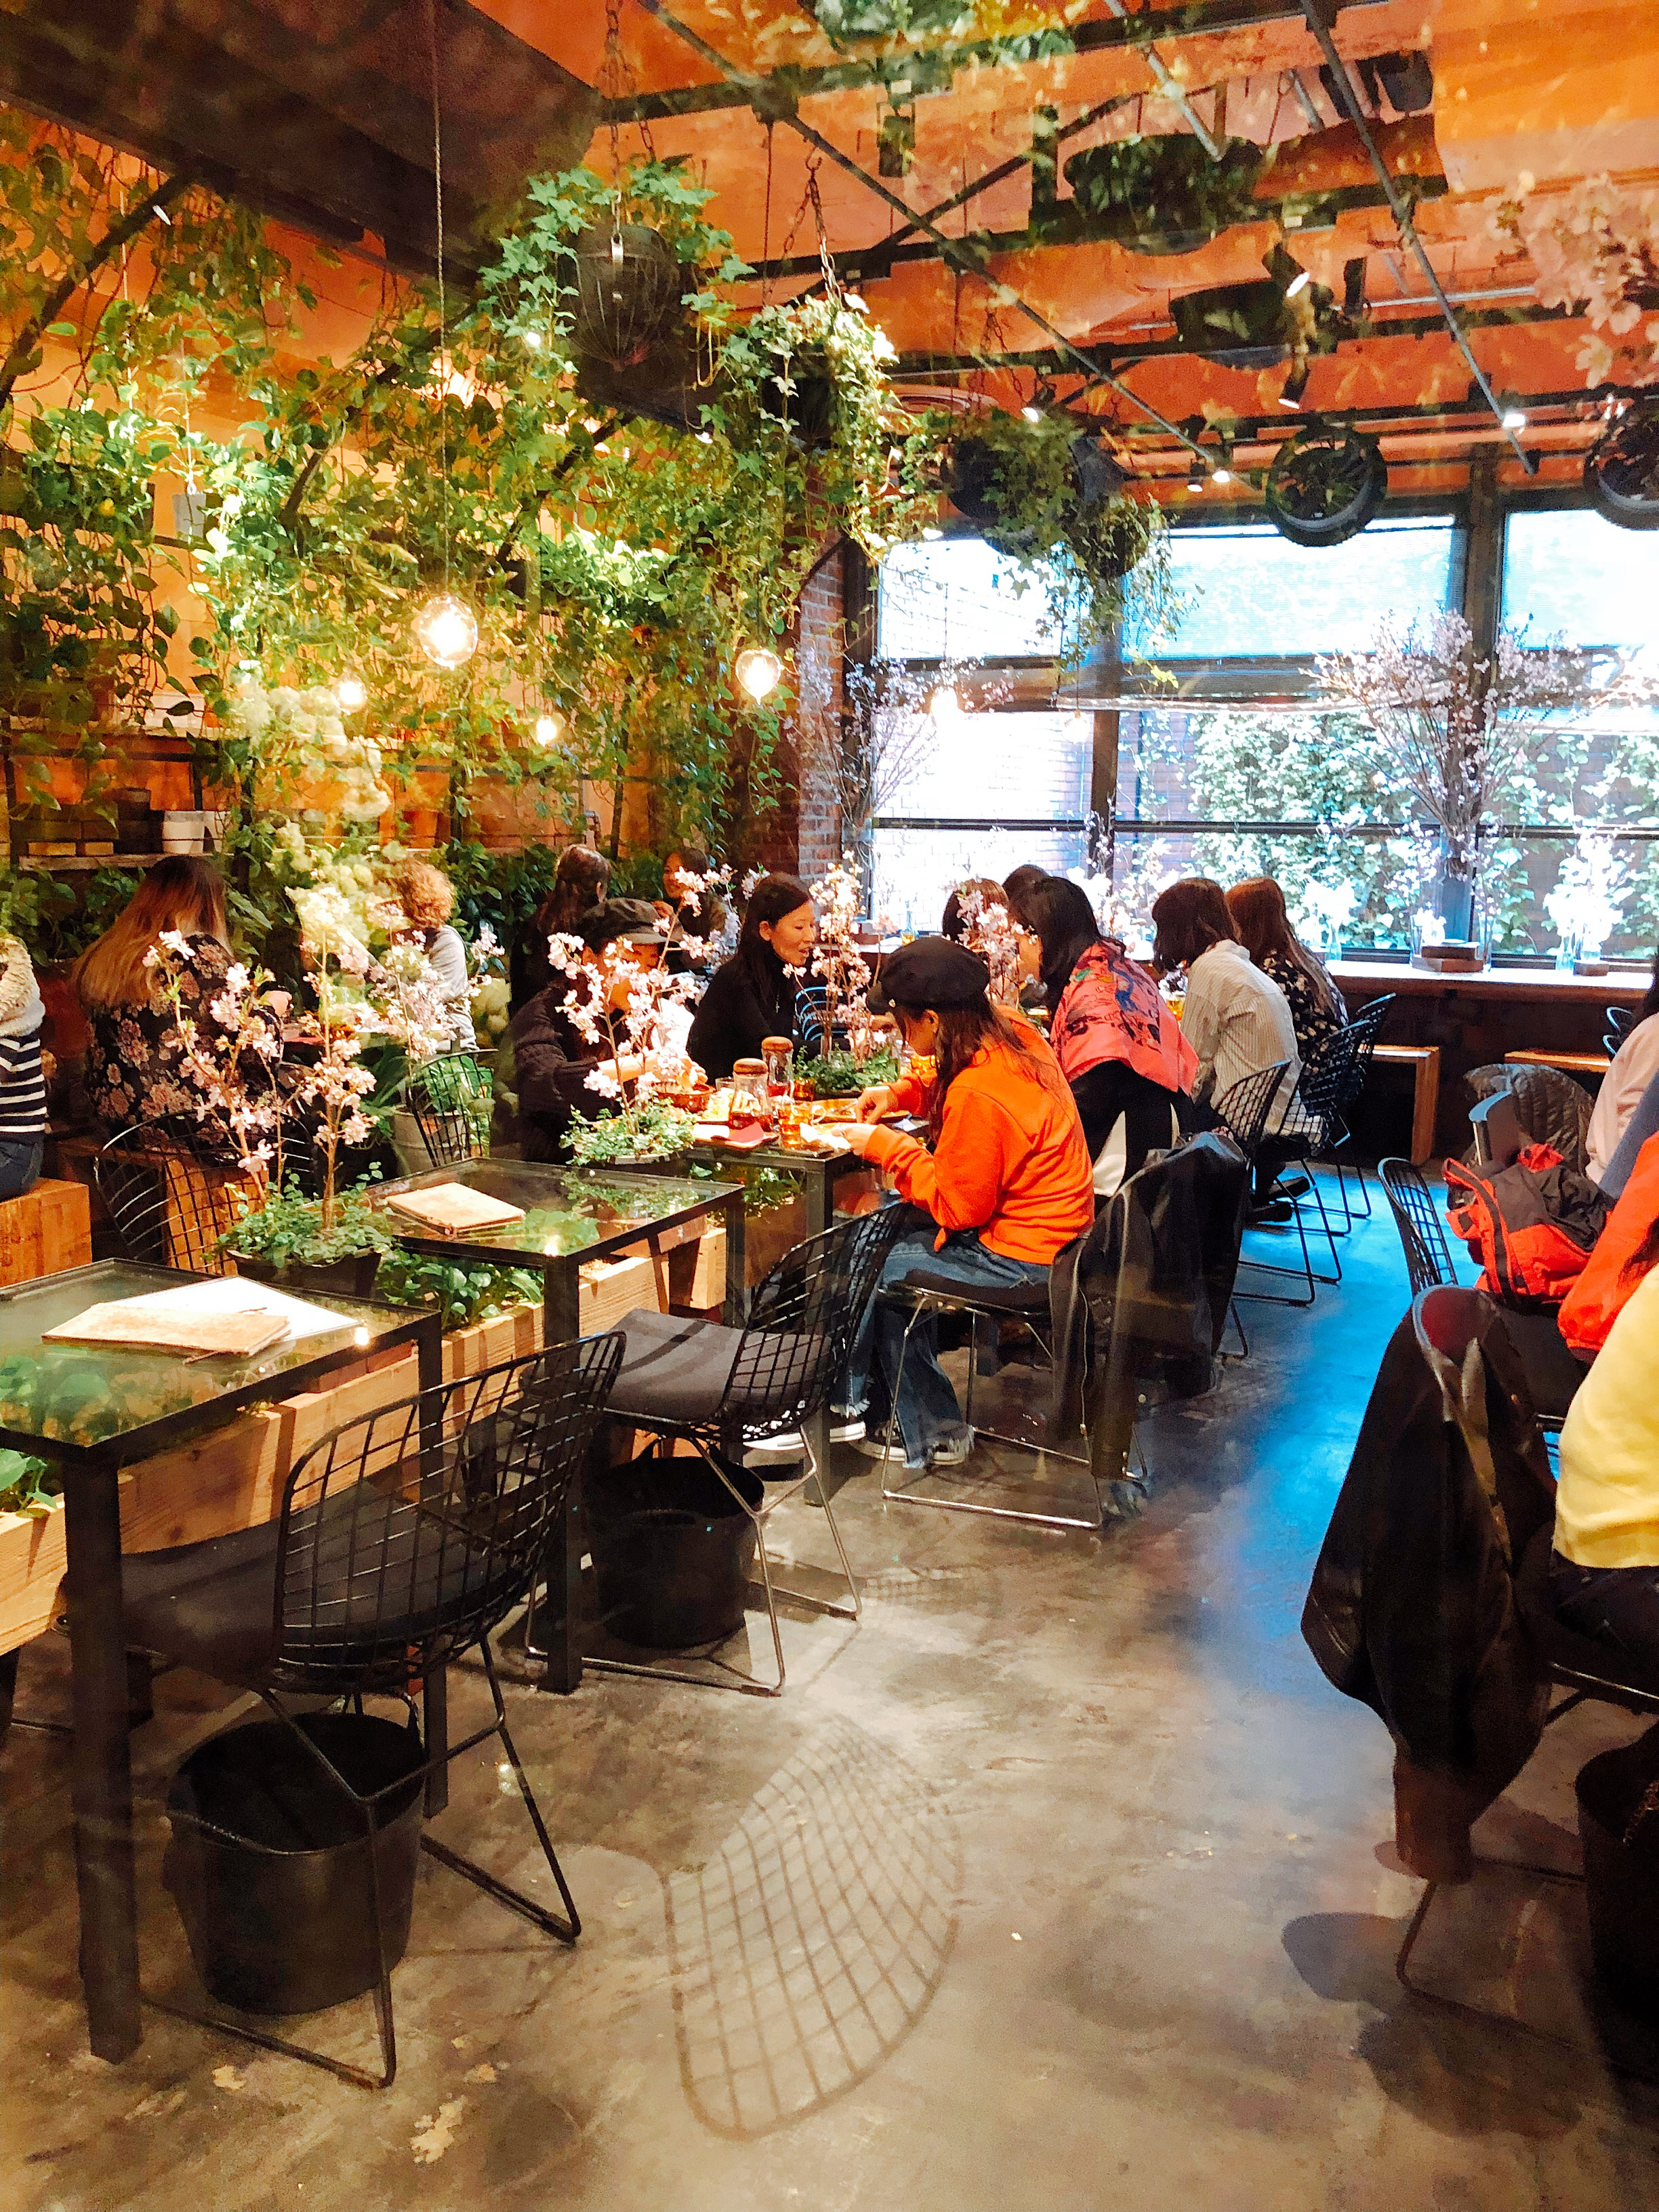 Inside the Aoyama Flower Market Tea House